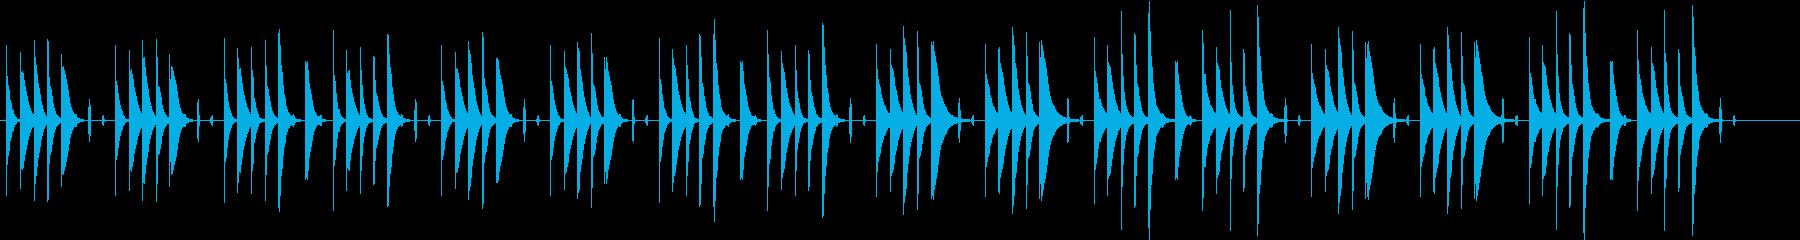 ほのぼのした場面や回想シーンに使える曲の再生済みの波形